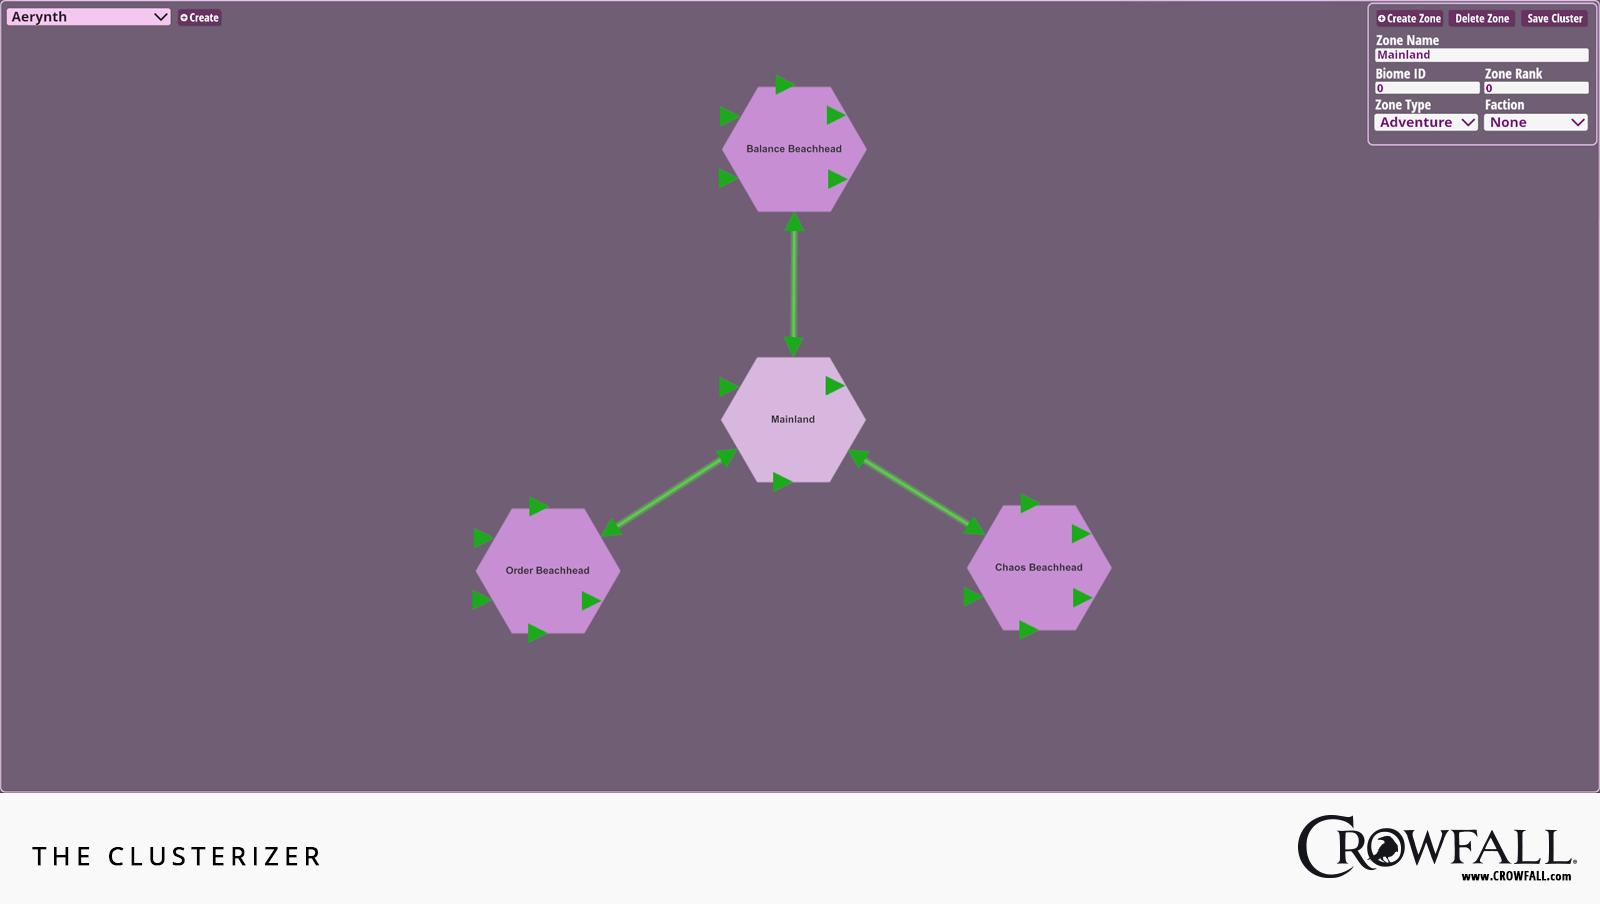 Spiegato il Clusterizer, un nuovo tool sviluppato dal team di Crowfall